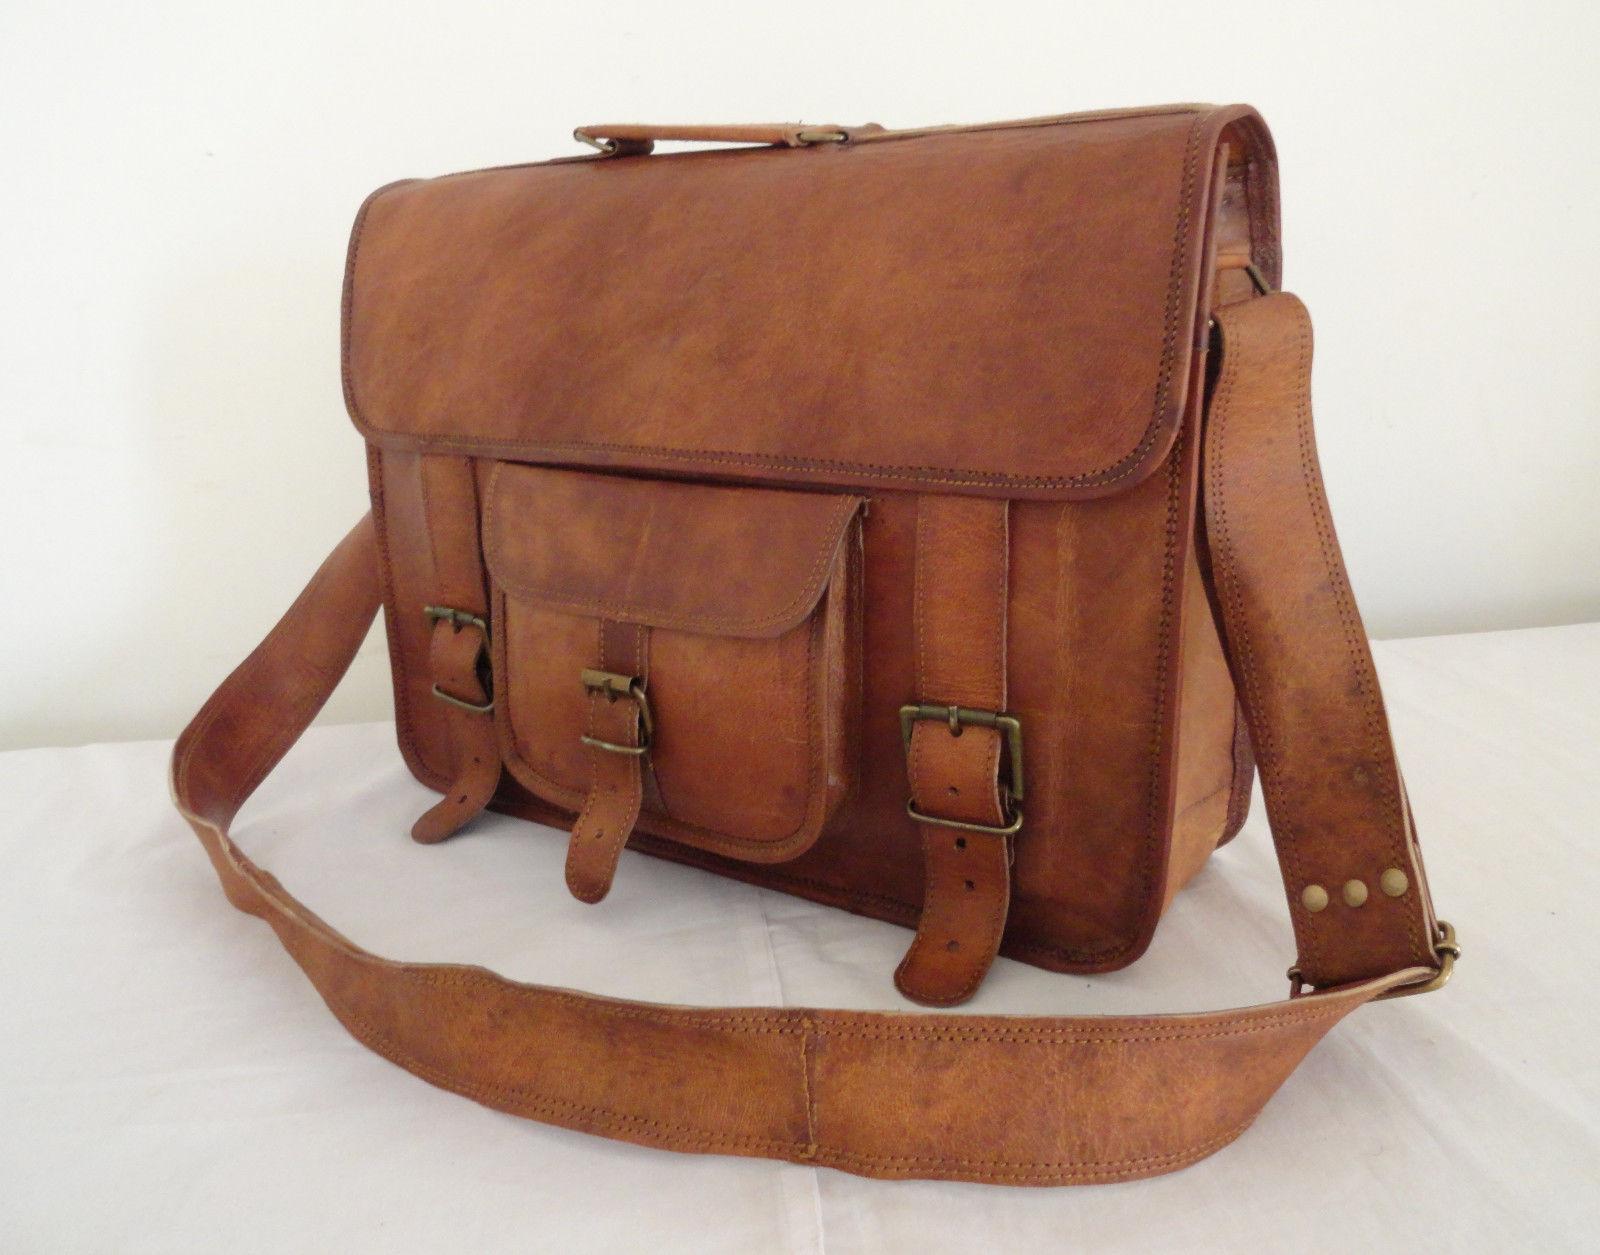 Goat Leather Laptop Bag Messenger Handmade Briefcase Crossbody Shoulder Bag